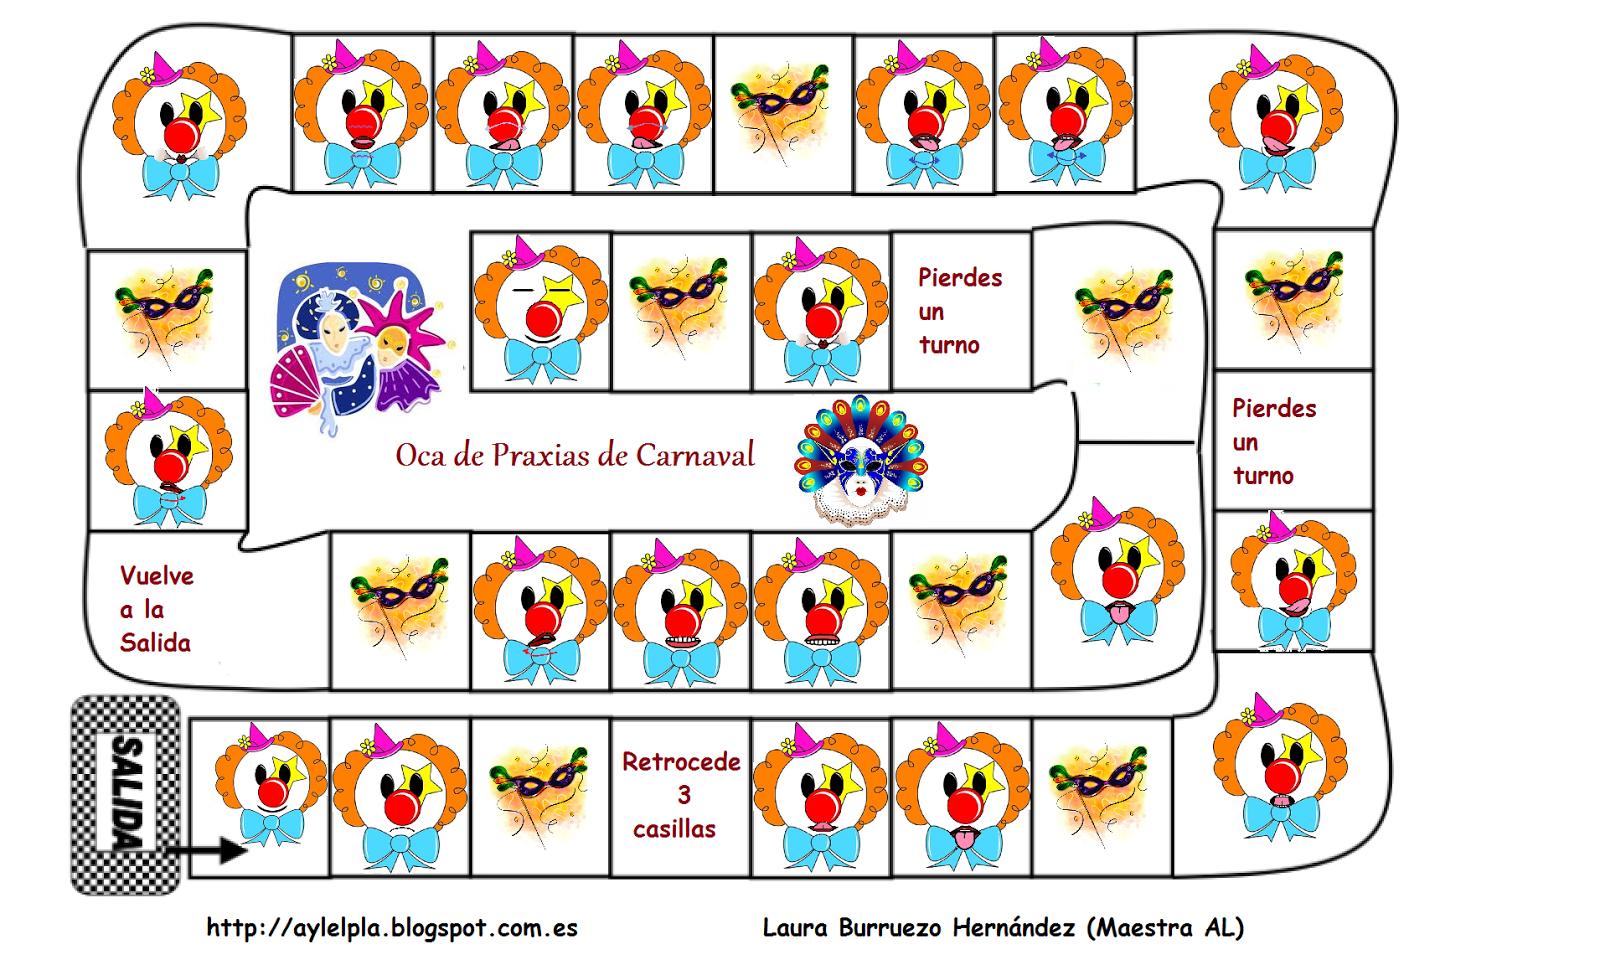 El rinconcito de Audición y Lenguaje: Praxias de Carnaval